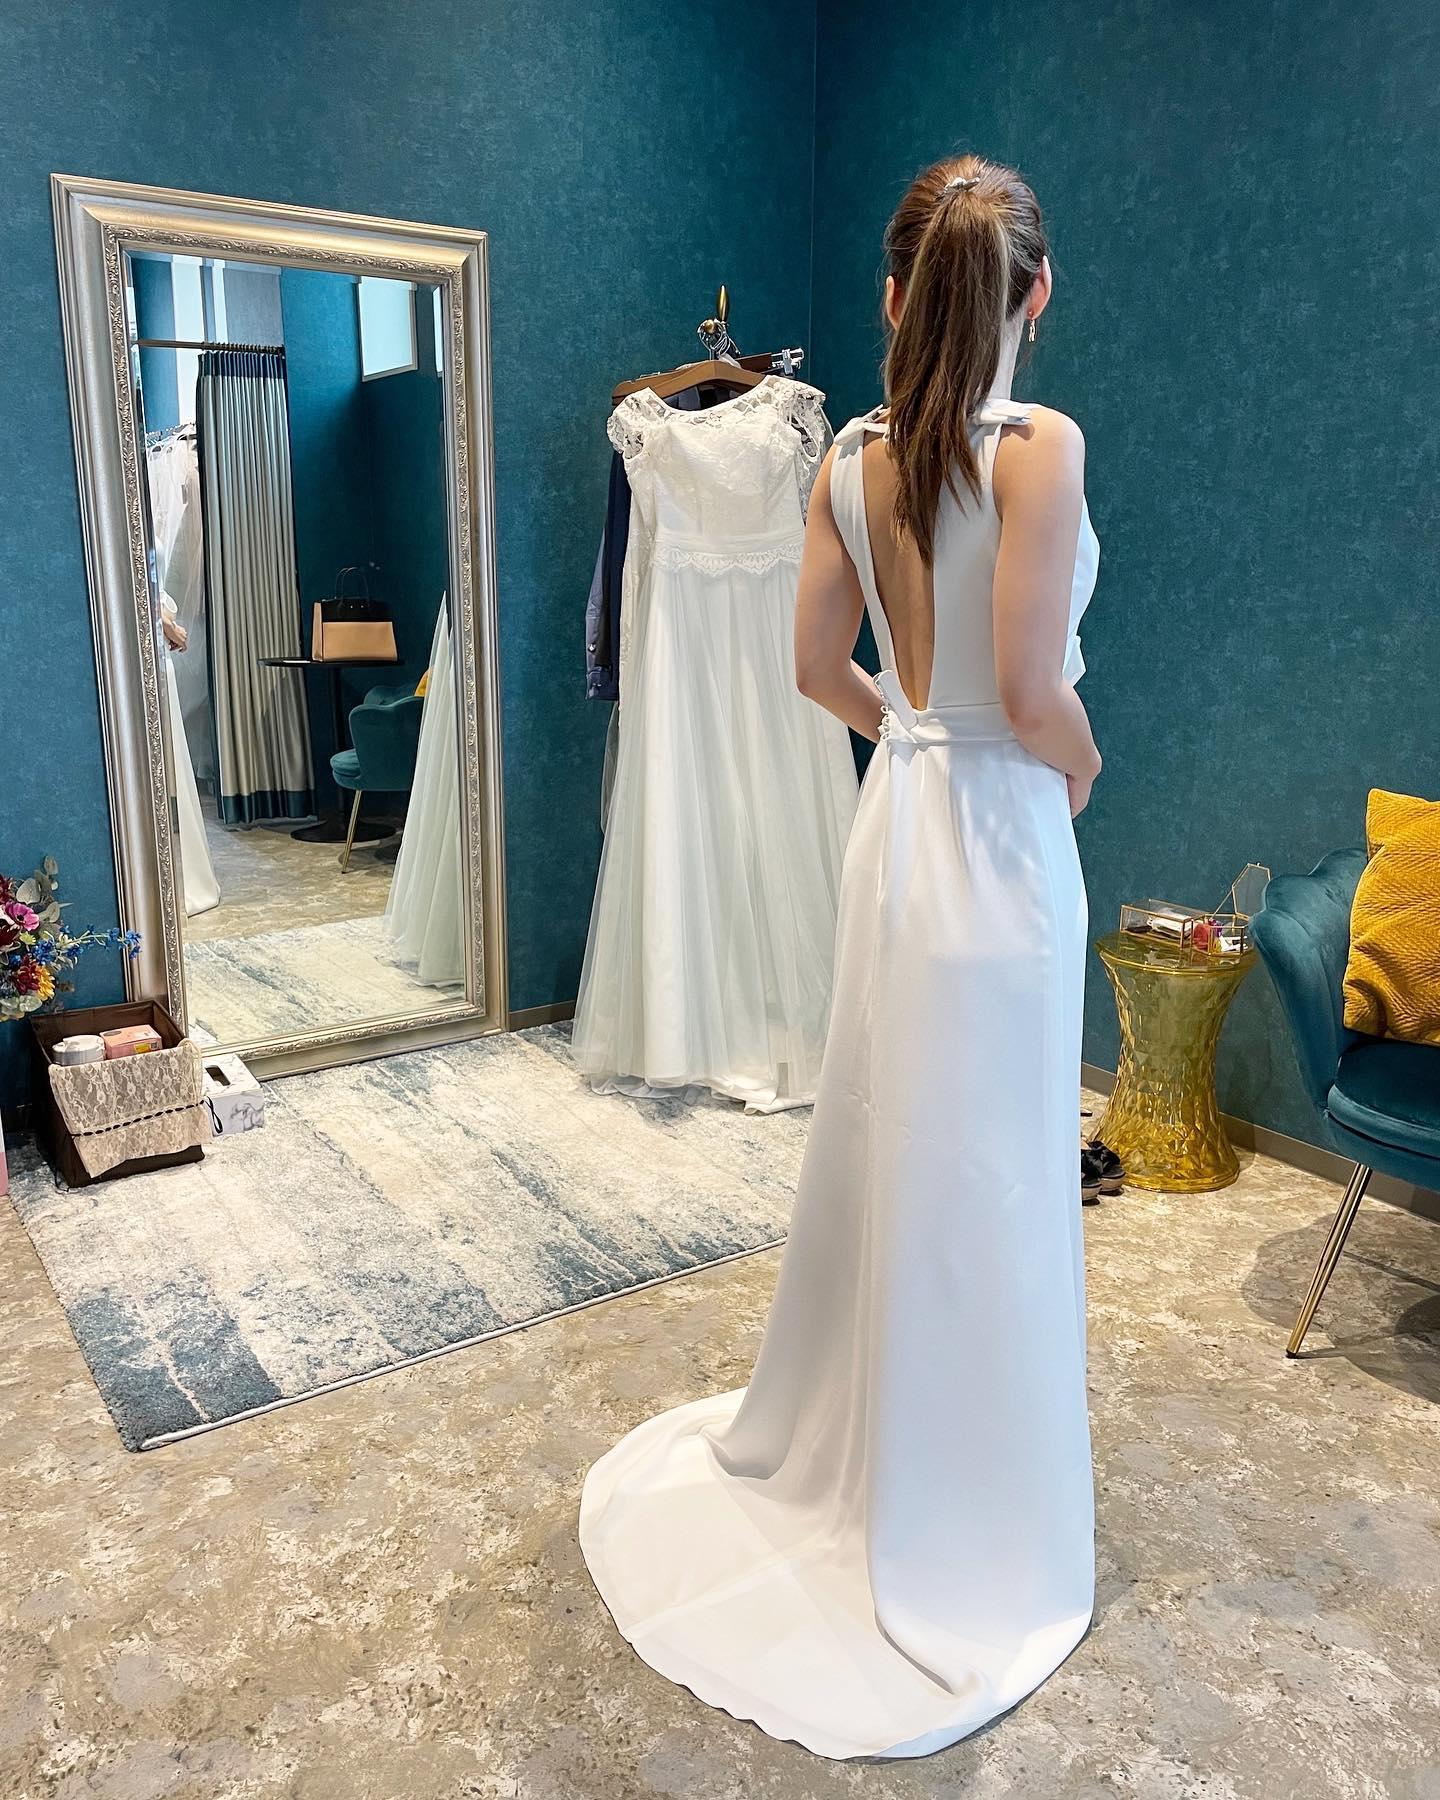 ・先日のご試着のお客様🕊・深く開いたVネックに甘くなりすぎないアシンメトリーなリボンが個性を感じさせてくれる一着・胸元の透け感が女性らしさとヘルシーな着こなしを演出してくれますそれでいてバックコンシャスなdress・ご試着いかがでしょうか・PORTOVECCHIO20購入価格:¥320,000・#wedding #weddingdress #claras #ウェディングドレス #プレ花嫁 #ドレス試着#ドレス迷子#2021冬婚 #ヘアメイク #ドレス選び #前撮り #後撮り #フォトウェディング #ウェディングヘア  #フォト婚 #ブライダルフォト #カップルフォト #ウェディングドレス探し #ウェディングドレス試着 #ドレスショップ #家族婚 #バウリニューアル #記念日婚 #モニター募集 #ドレス迷子 #限定 #プレ花嫁 #ボヘミアンウェディング #ニューノーマル #クララス